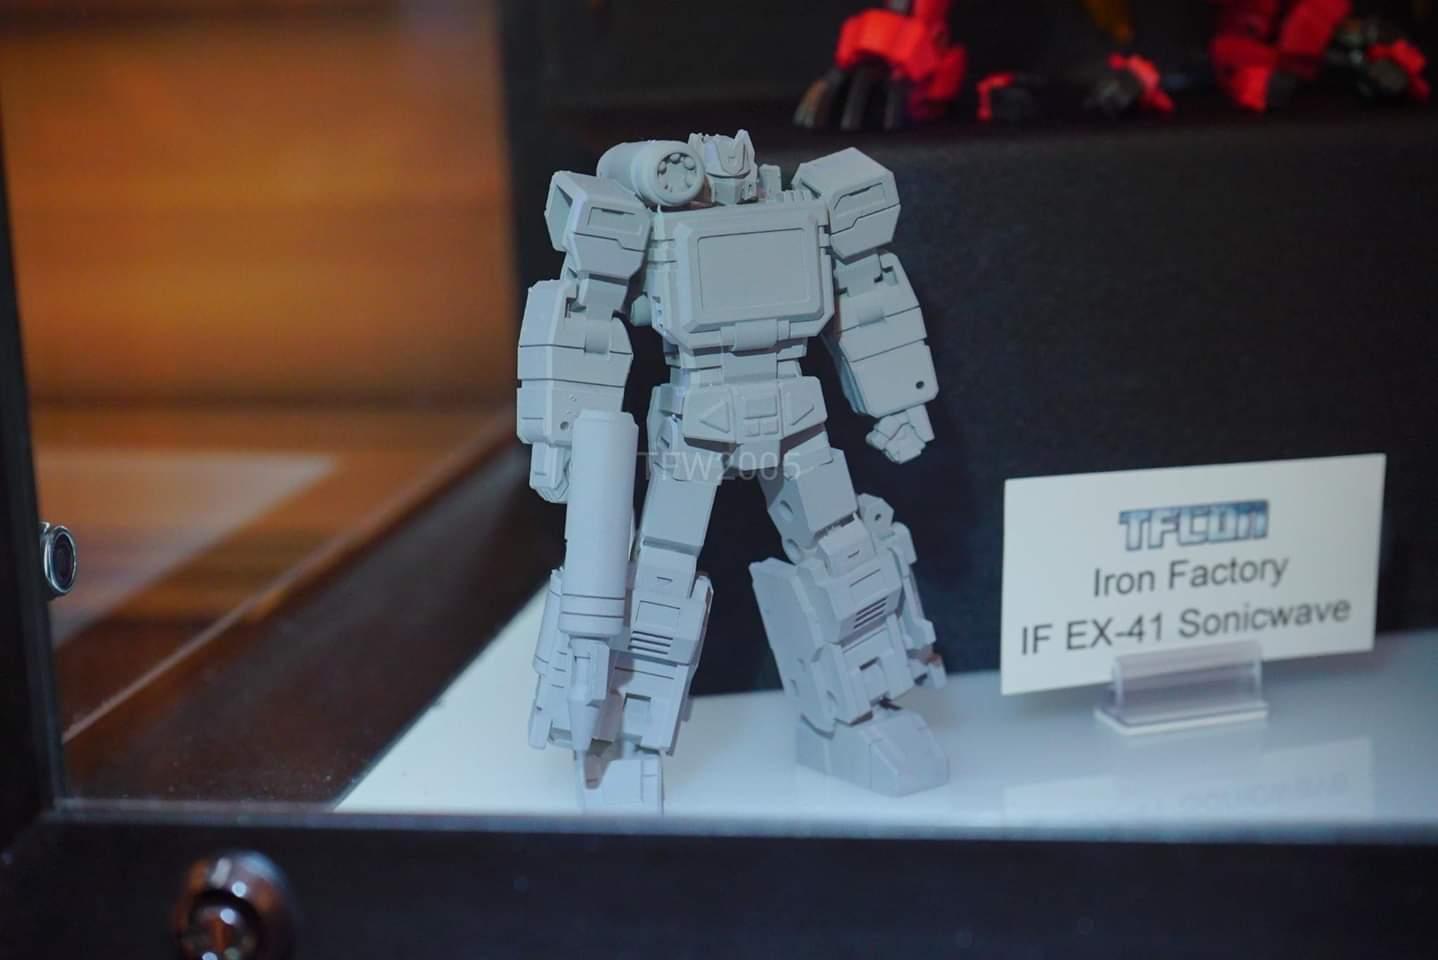 [Iron Factory] Produit Tiers - Jouets TF - de la Gamme IF-EX - des BD TF d'IDW - Page 12 LEp5xnbG_o